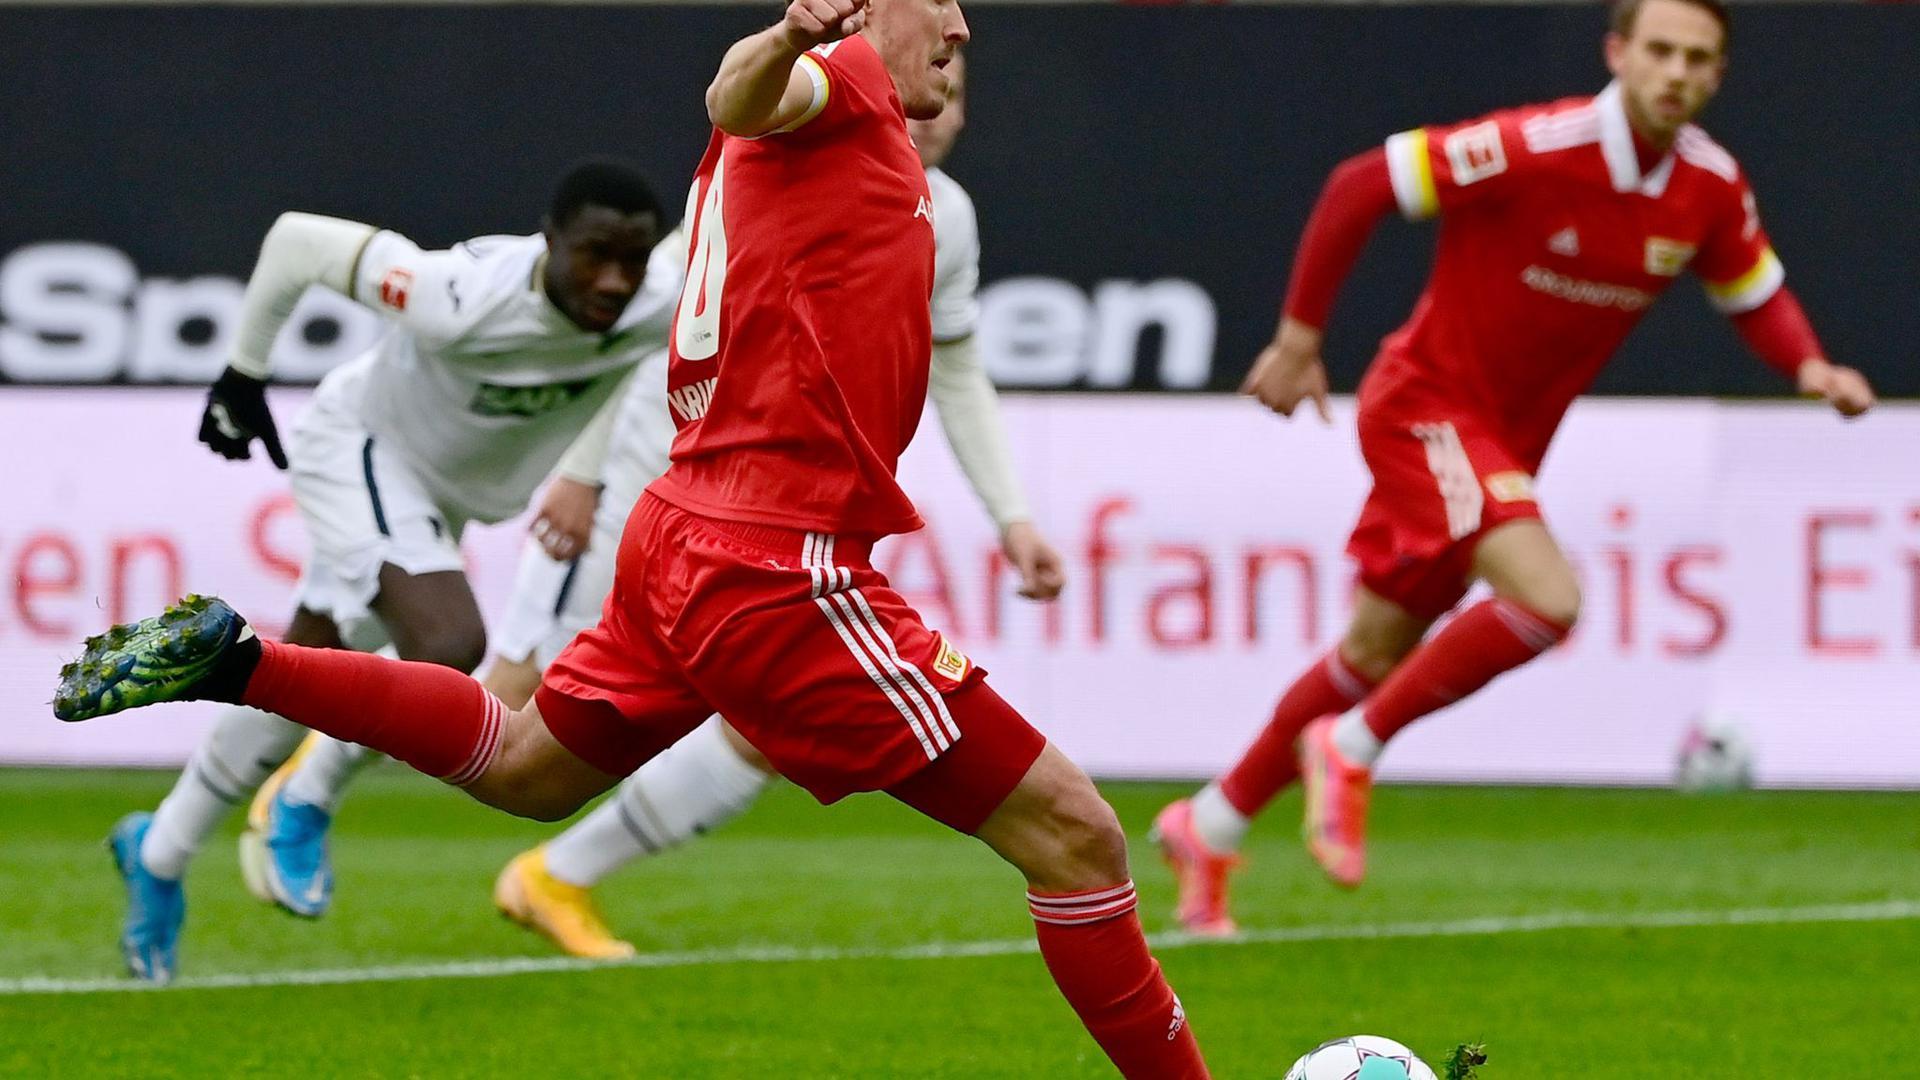 Brachte Union Berlin gegen Hoffenheim vom Punkt in Führung: Max Kruse.